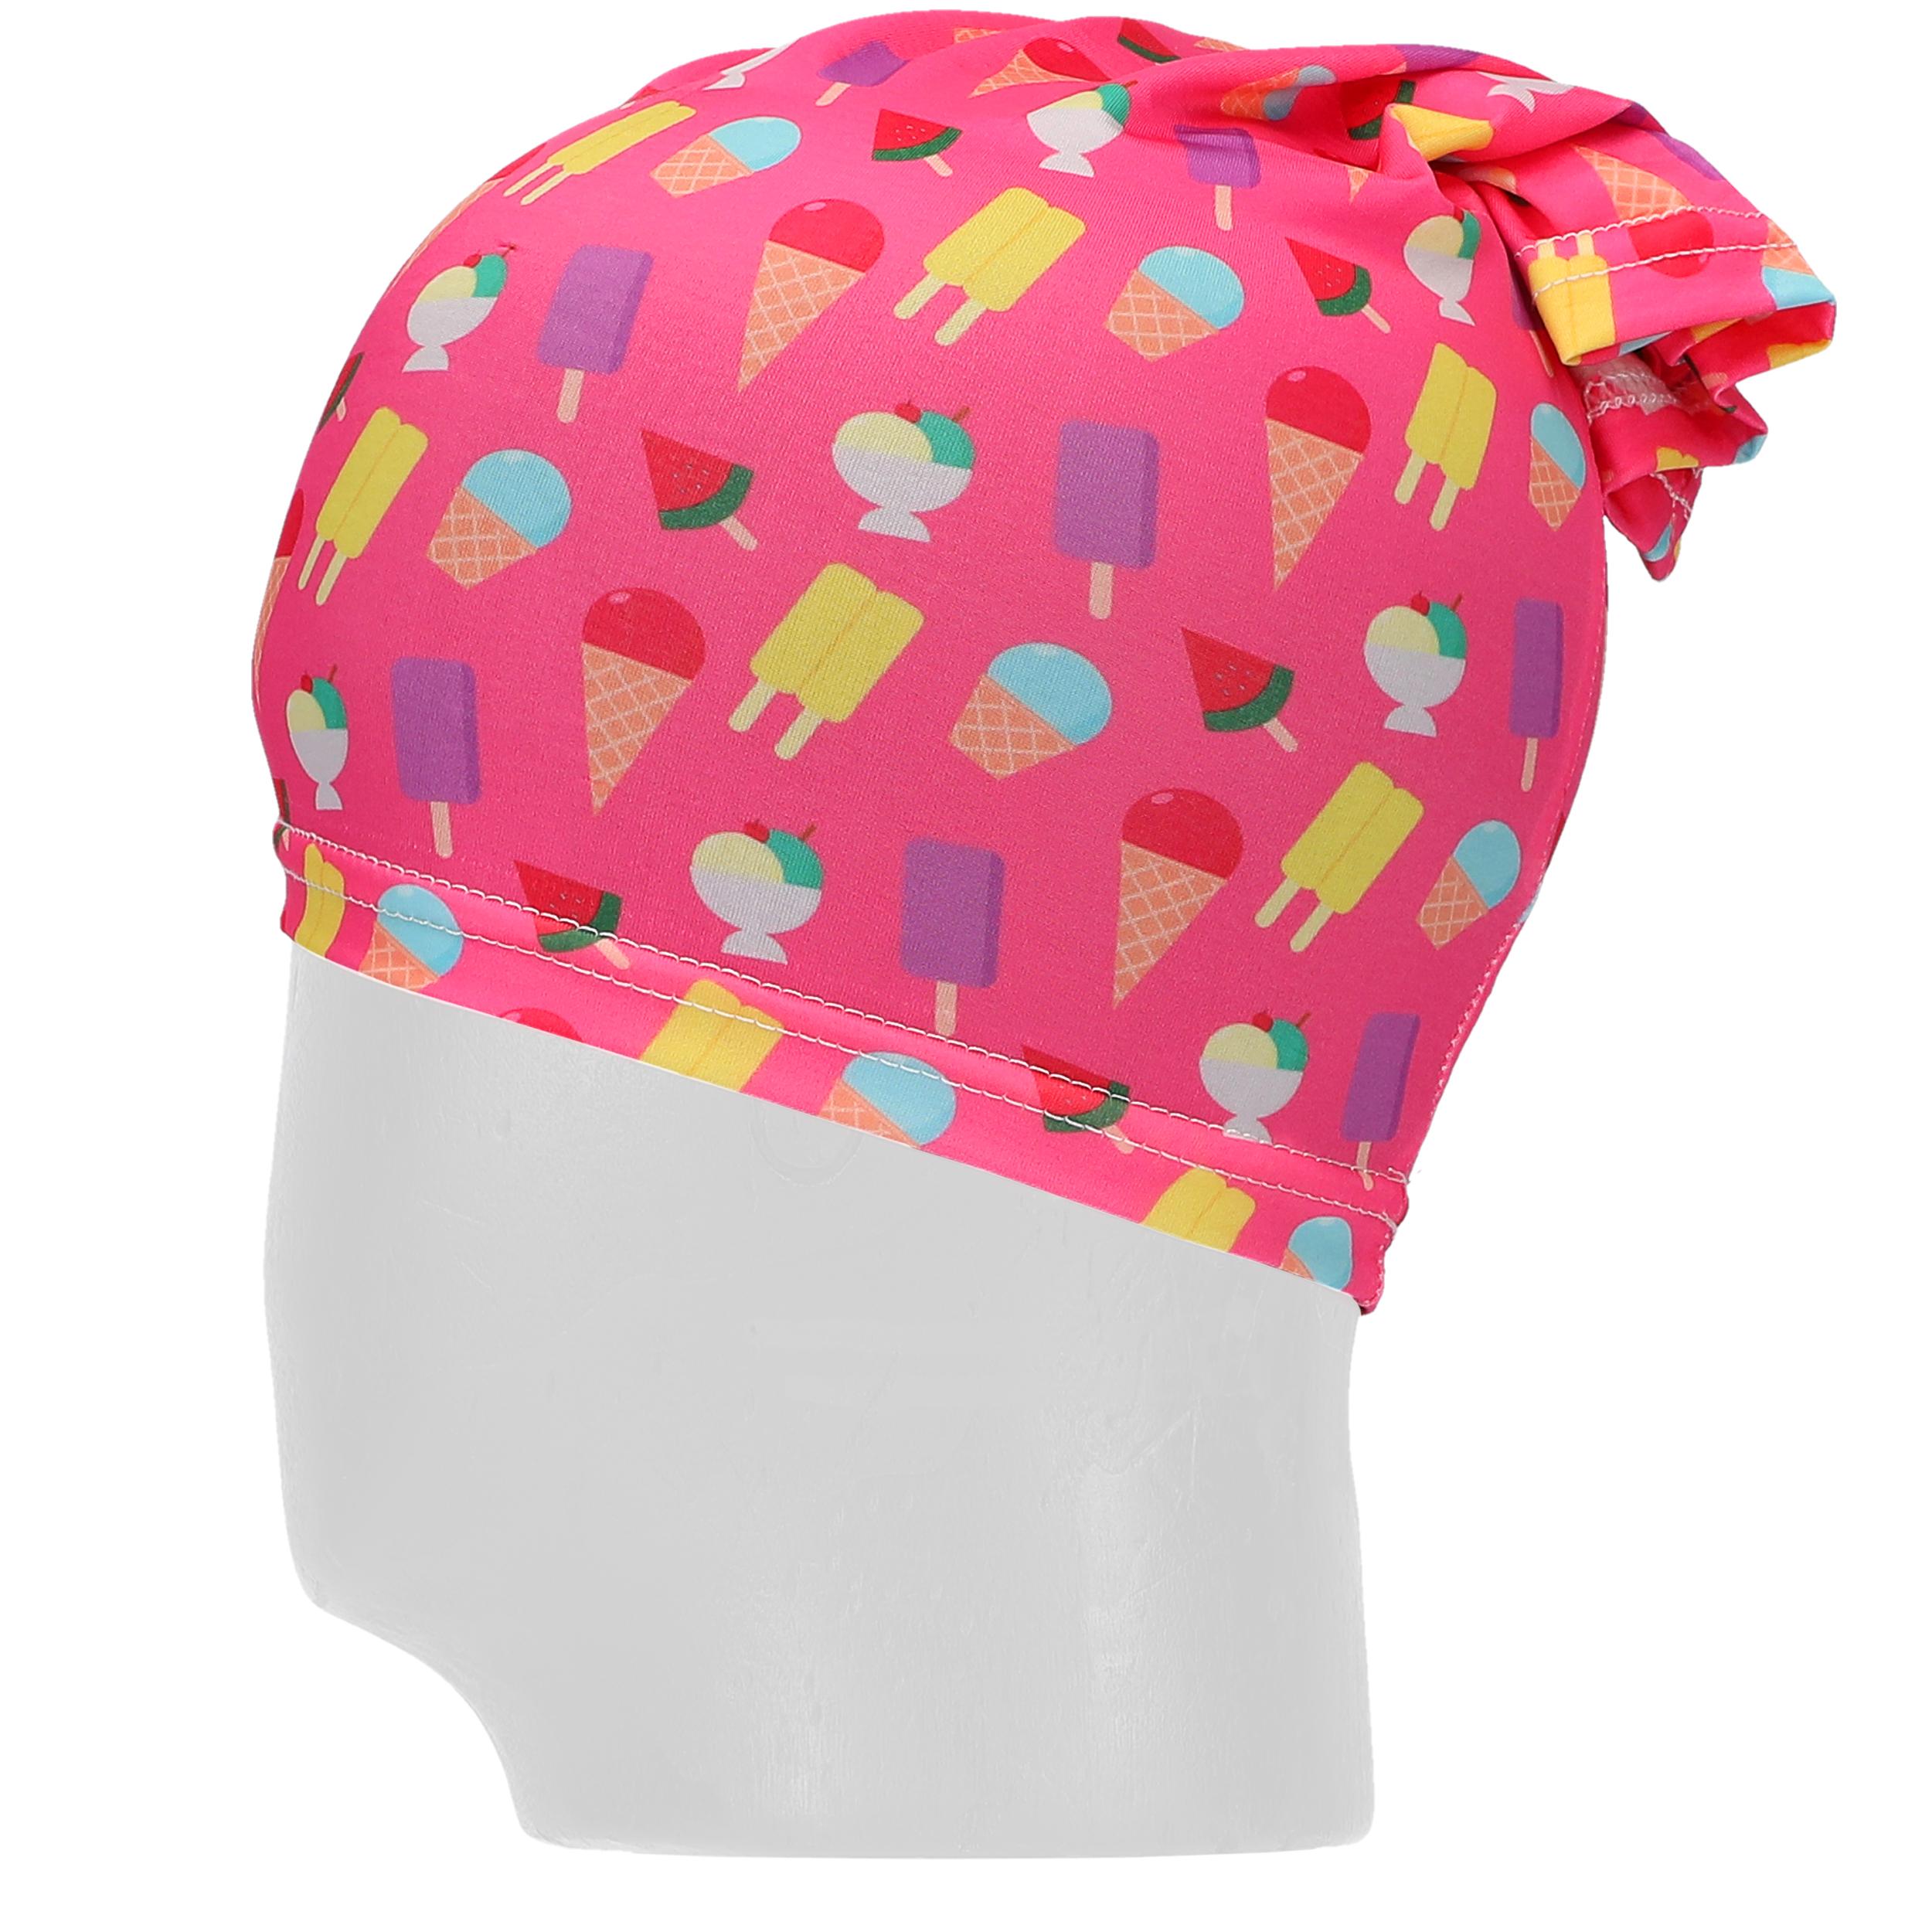 Indexbild 145 - Kinder Schlauchschal Maske Gesichtsmaske Mund Nase Bedeckung Halstuch waschbar